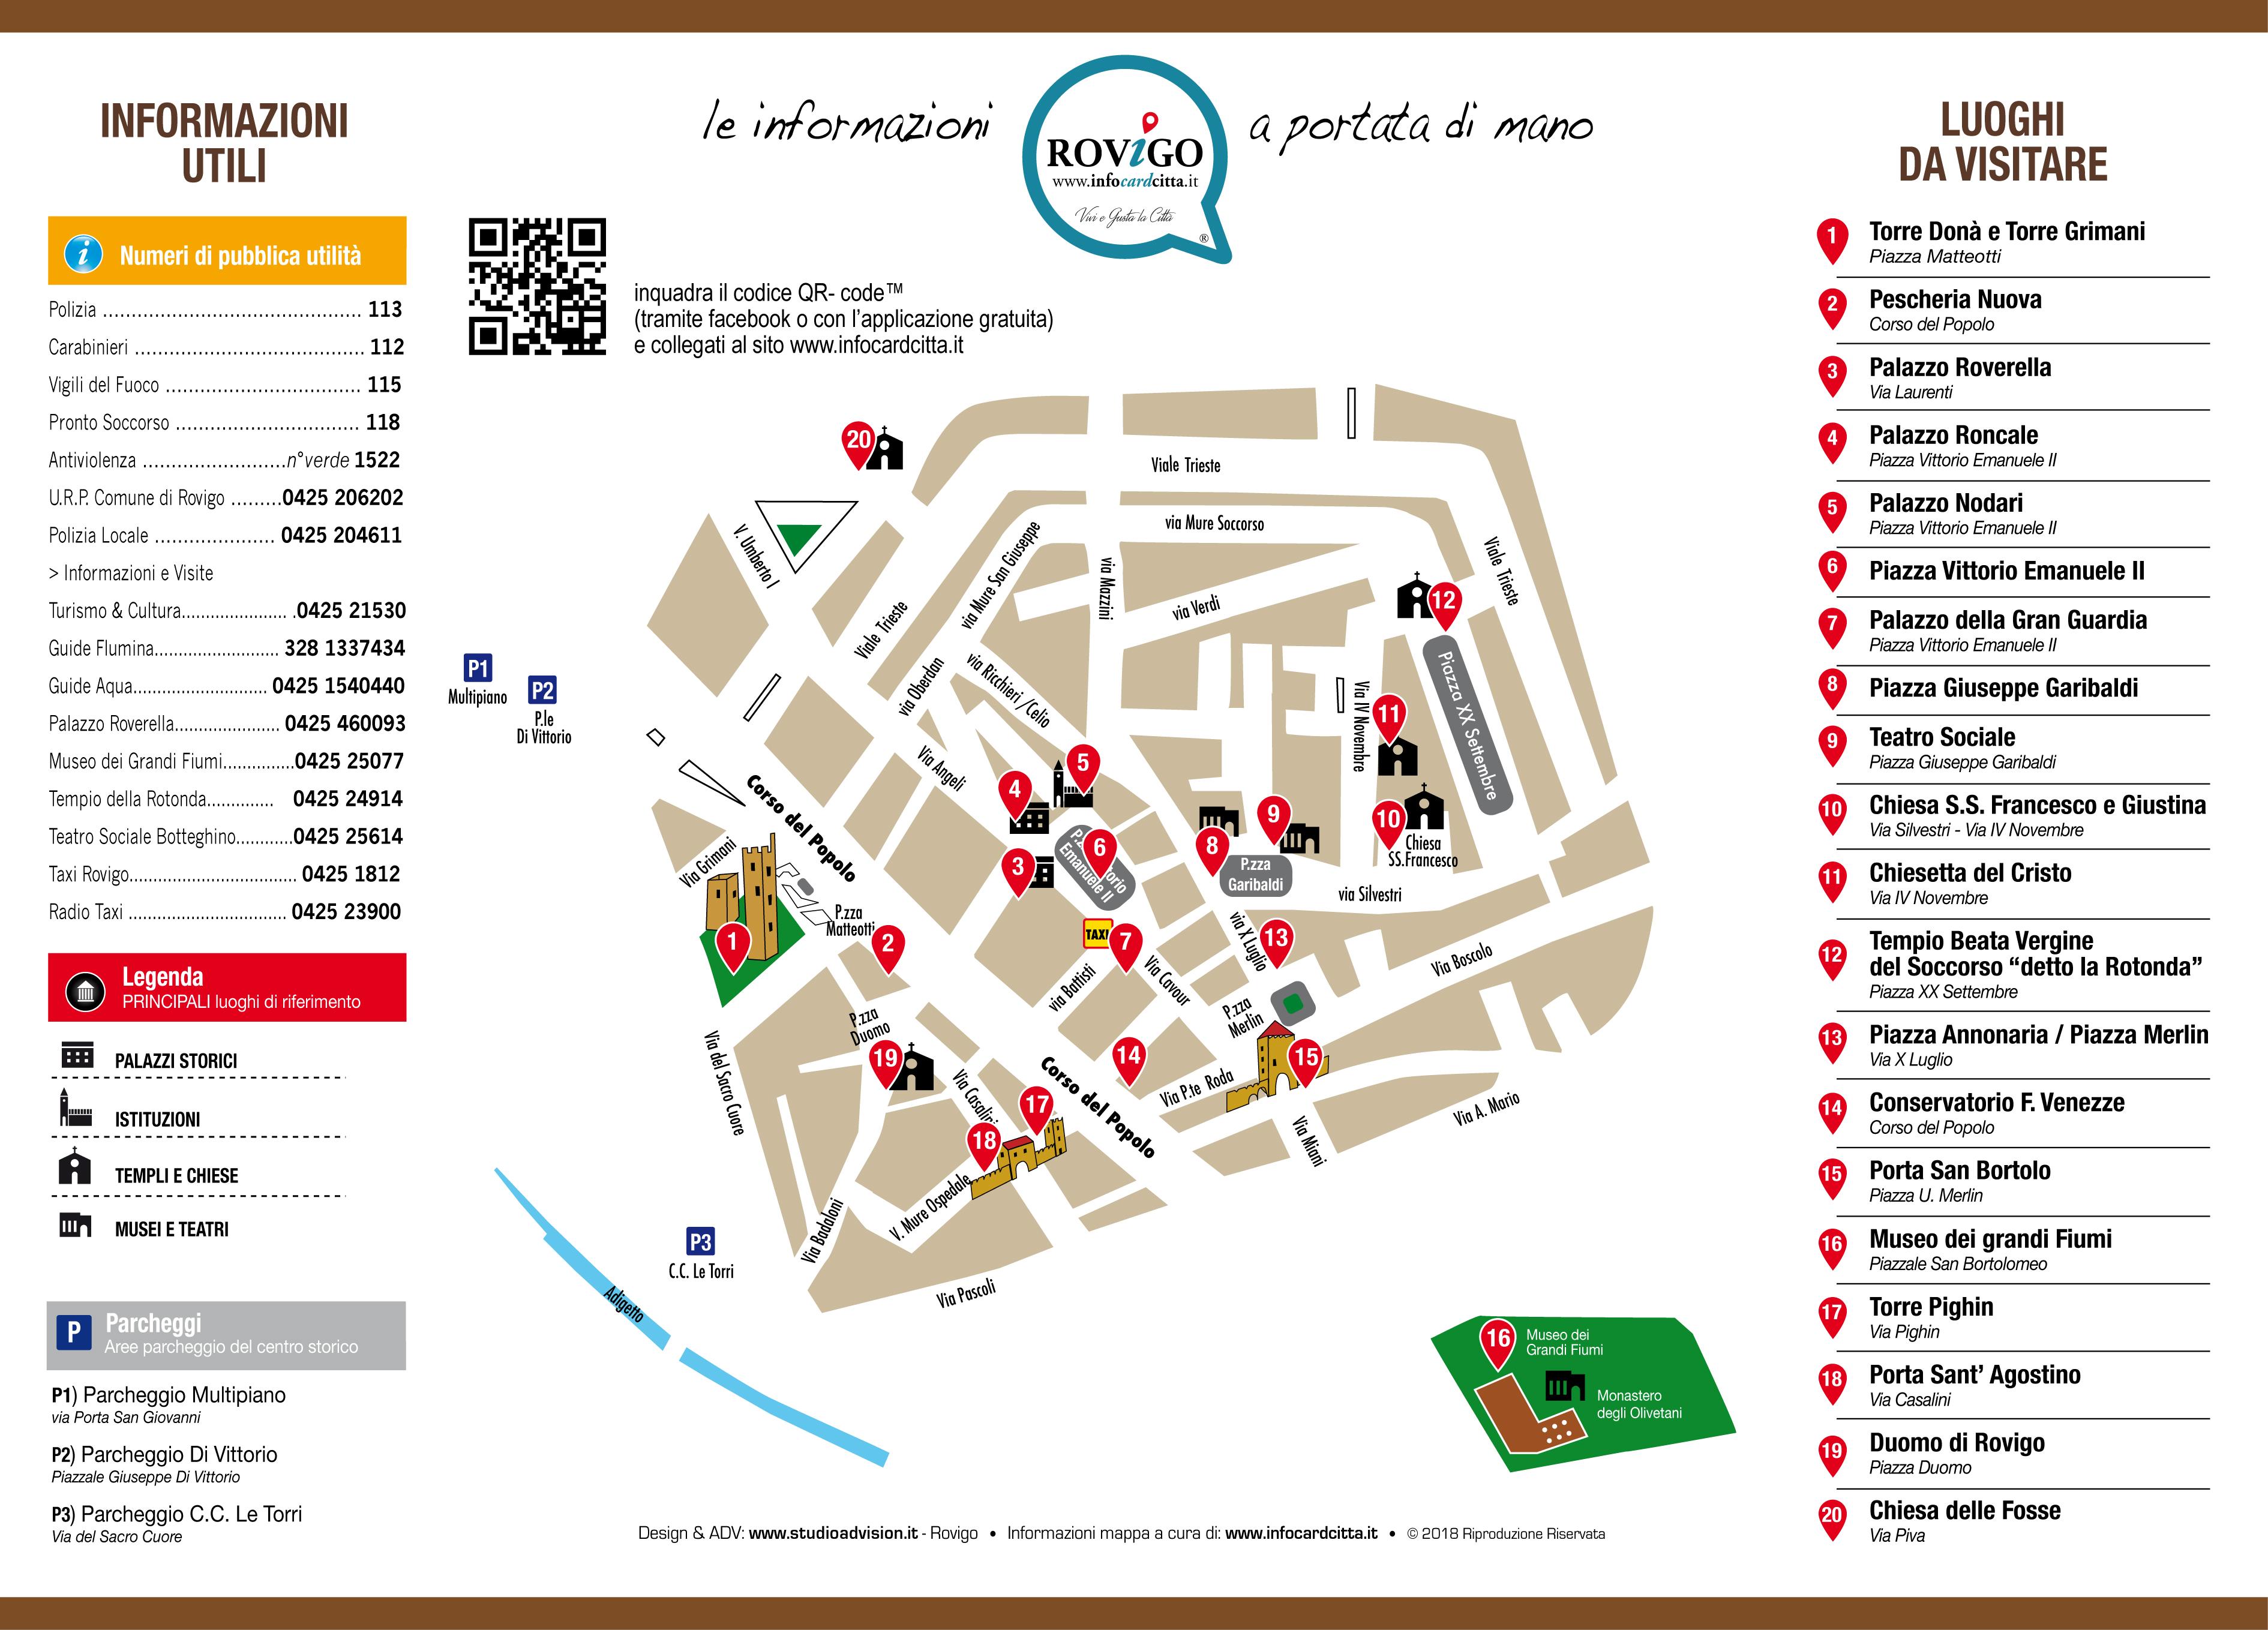 Mappa di Rovigo, infocardcitta, pianta della città